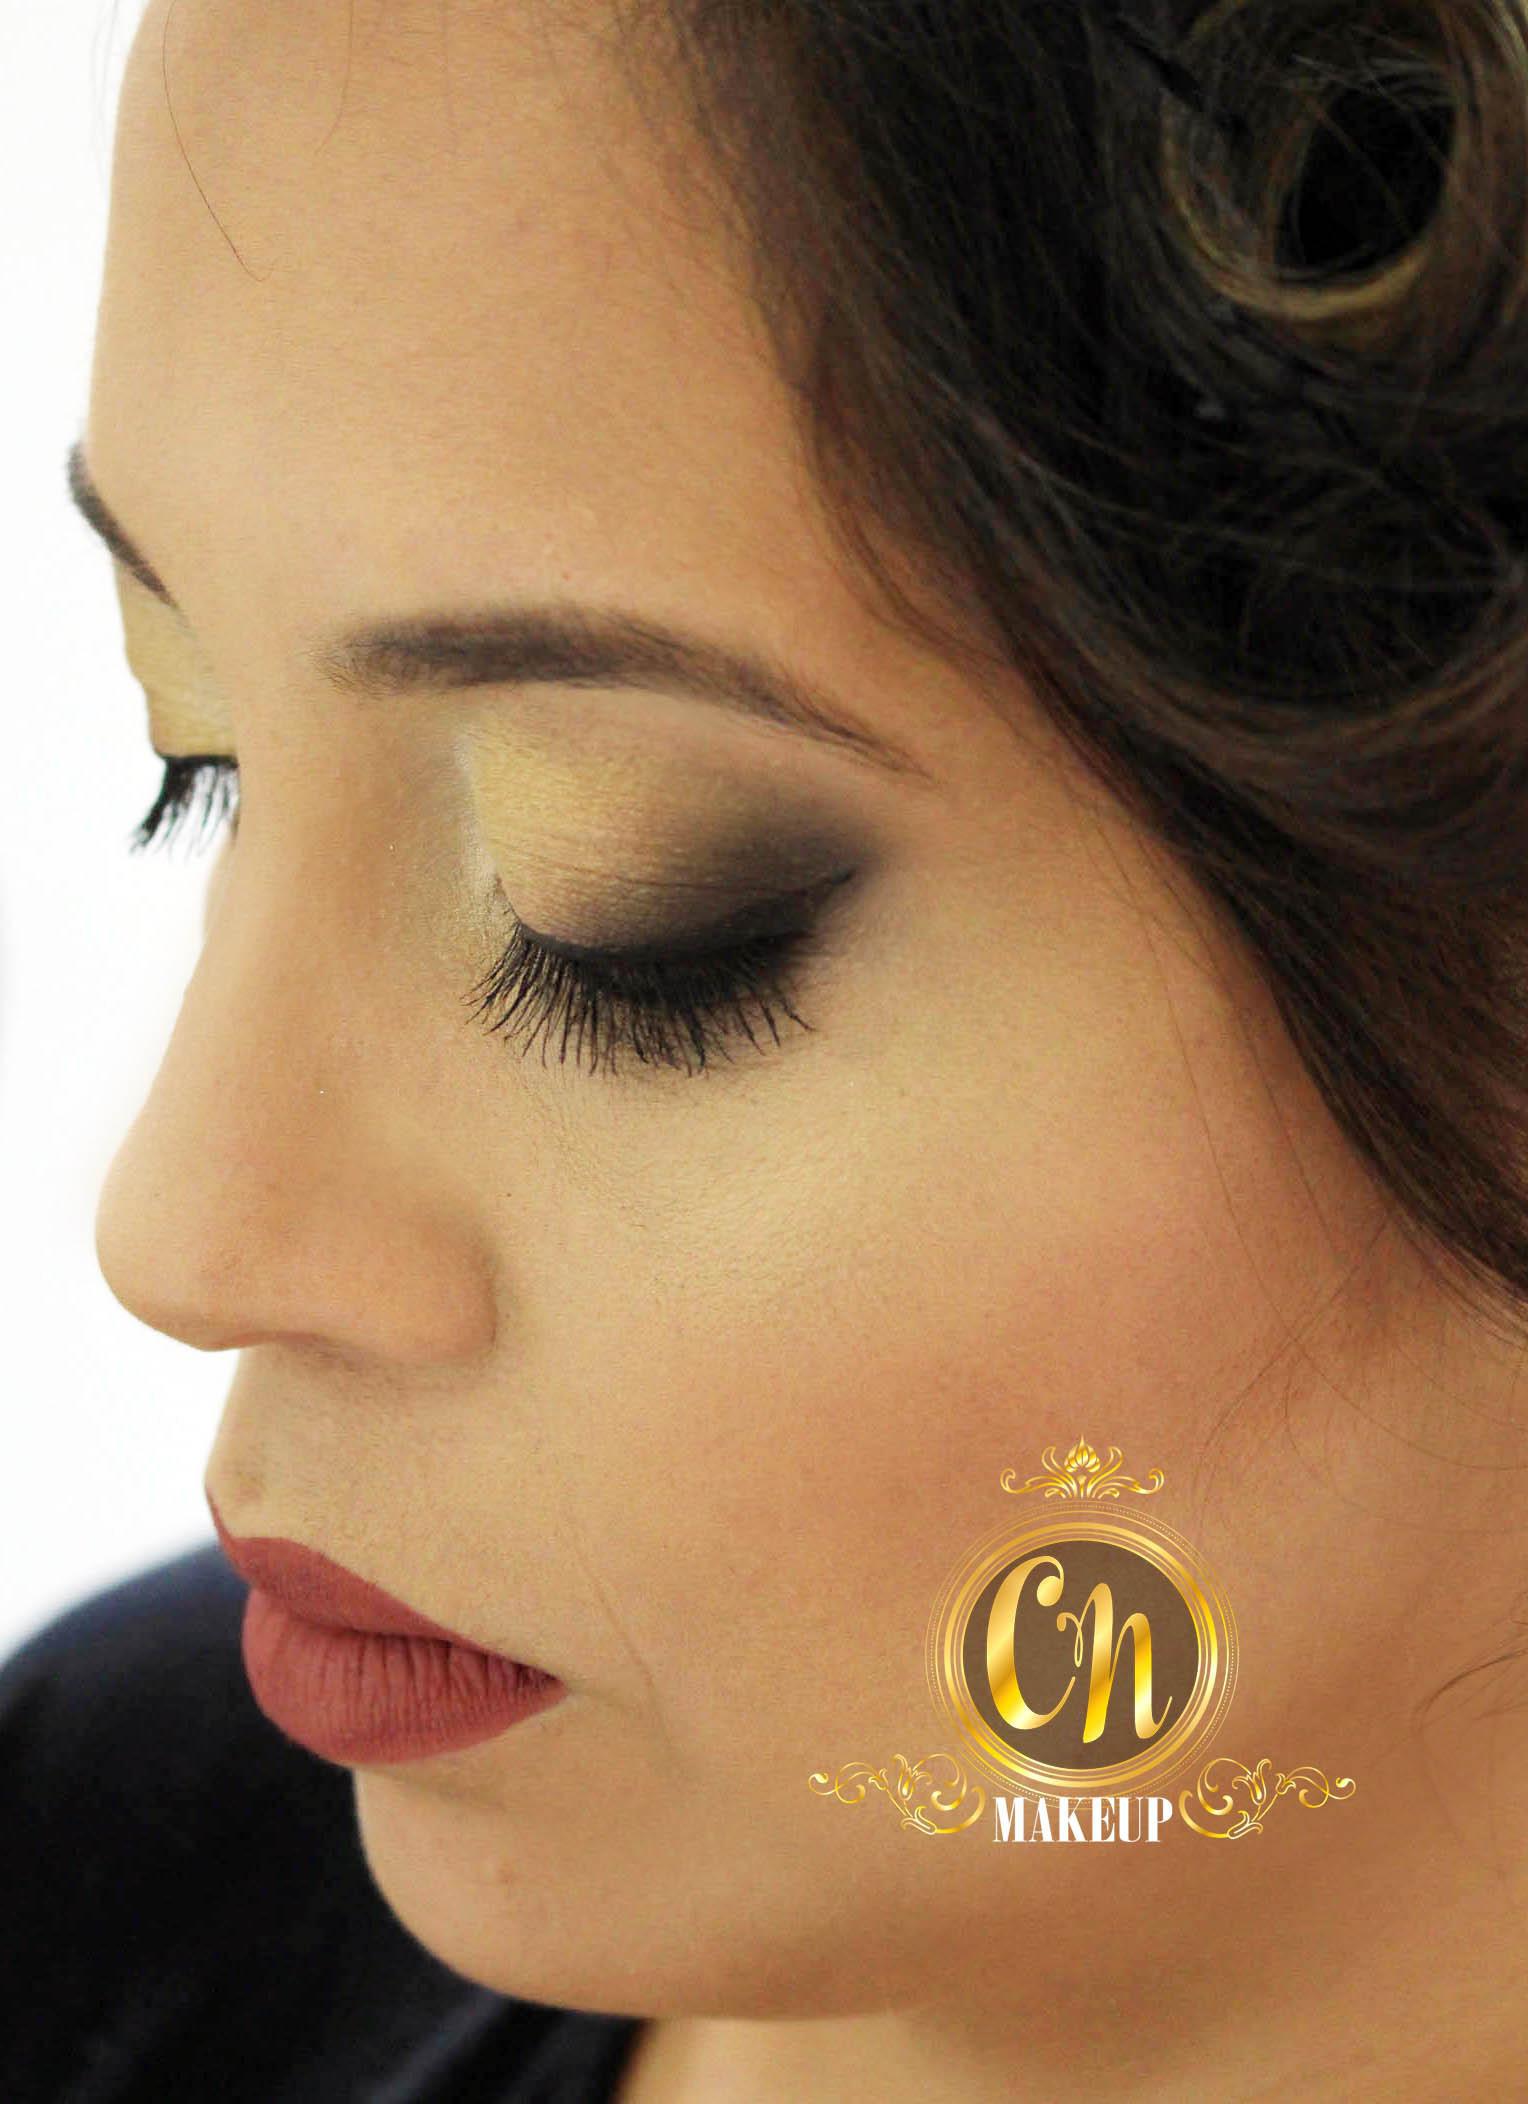 Outra noiva com maquiagem dourada, maravigold! #noiva #maquiagemnoiva #maquiagemcasamento #maaquiagemdourada maquiagem maquiador(a)